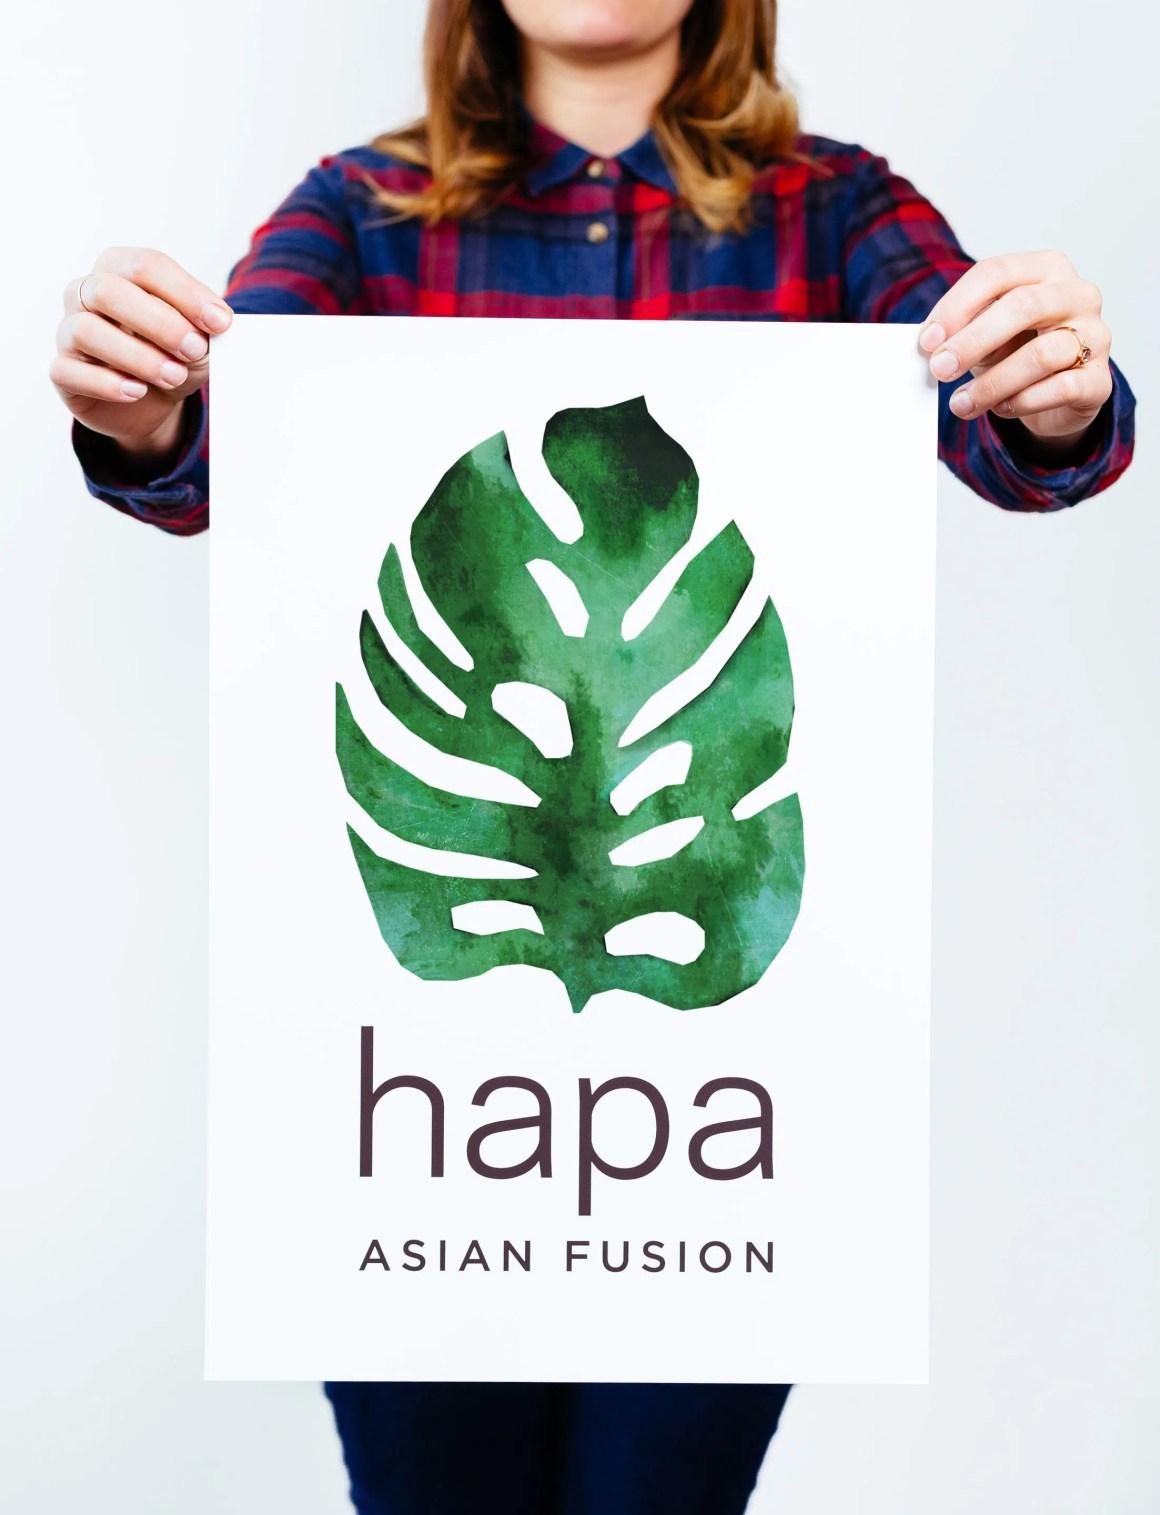 Hapa Asian Fusion logo by Needmore Designs